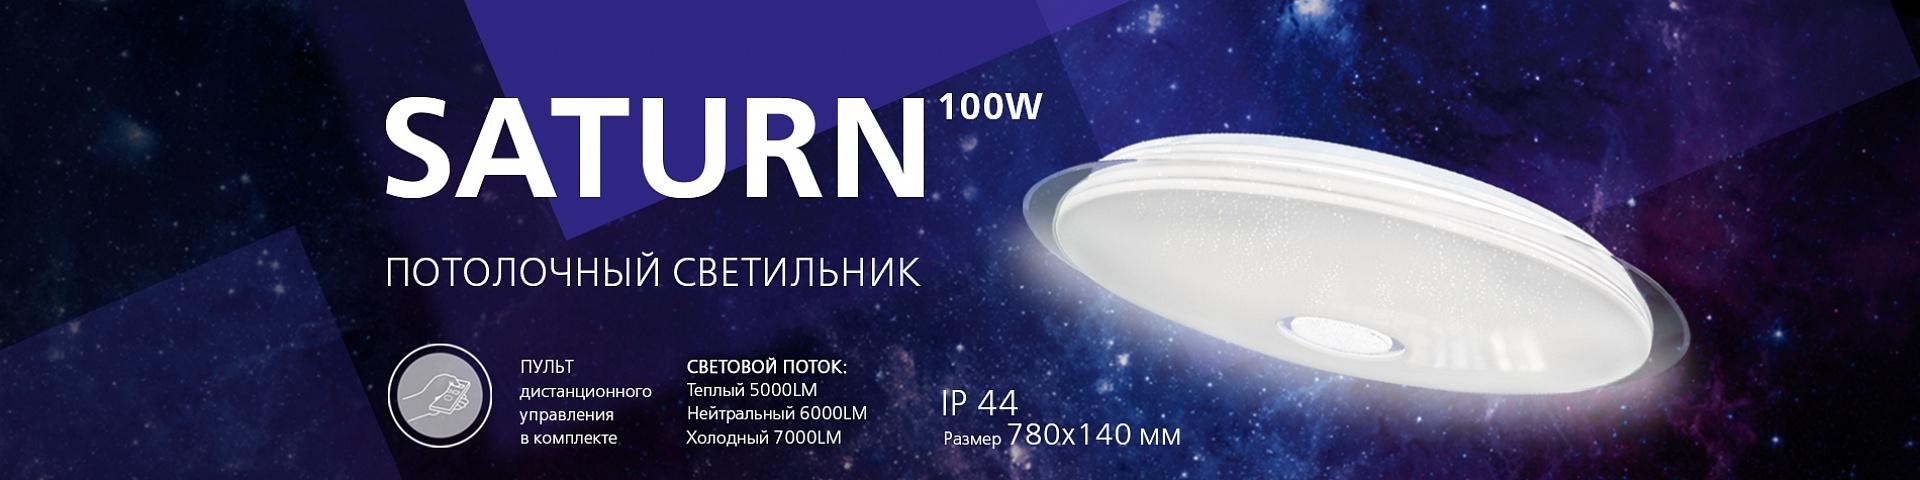 Фото потолочного управляемого светильника для гостиницы, холла, офиса гостинной или холла saturn сатурн smartbuy диммируемый, с изменениями световой температуры